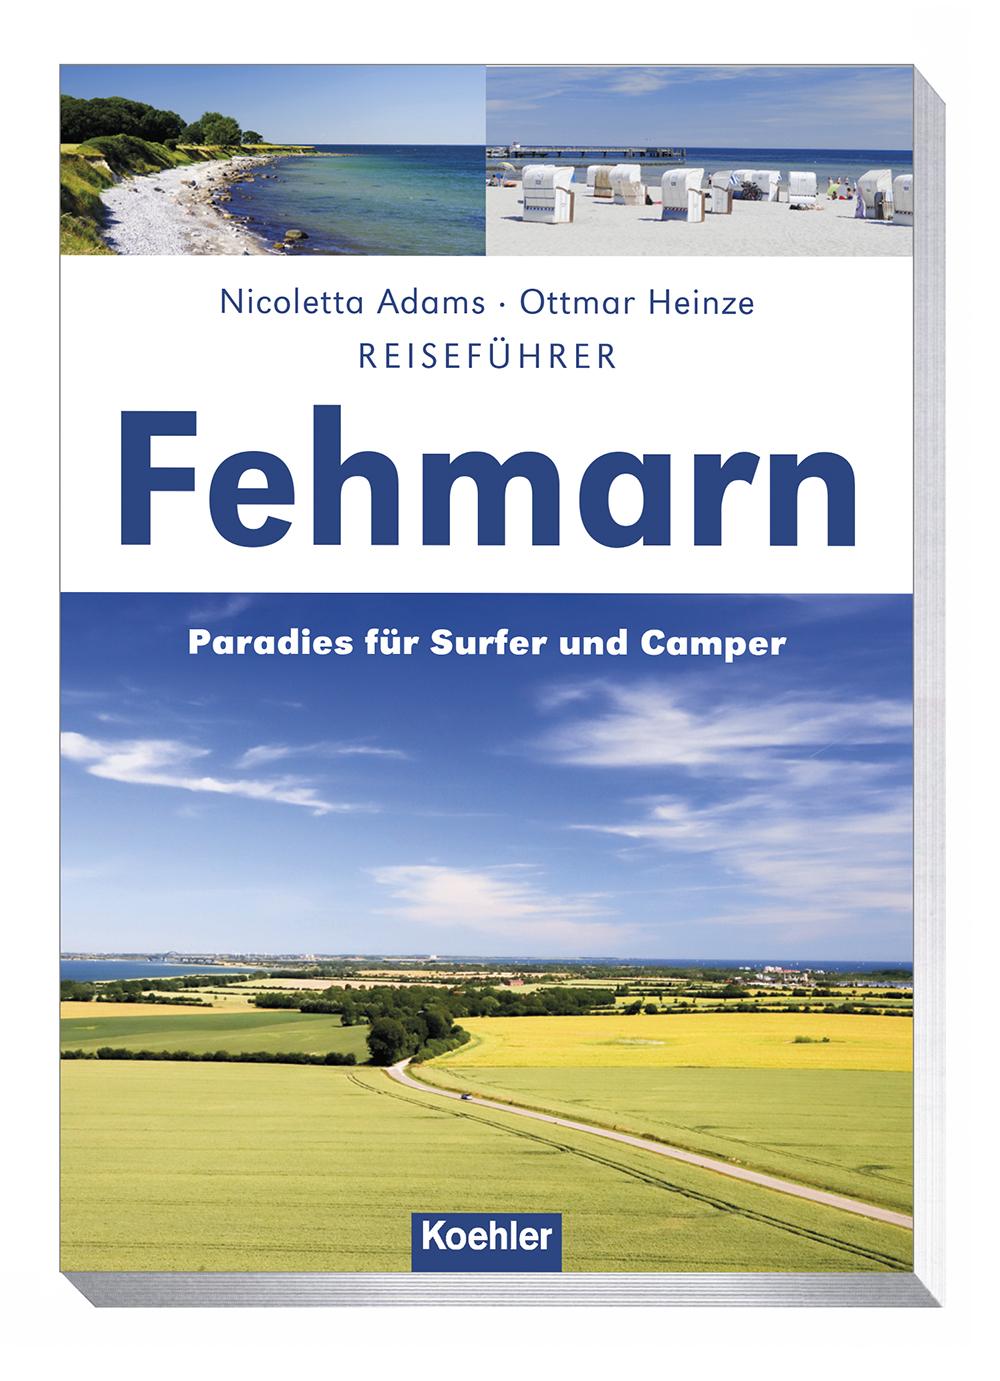 Nicoletta Adams Ottmar Heinze Reiseführer Fehmarn Paradies für Surfer und Camper Cover Download